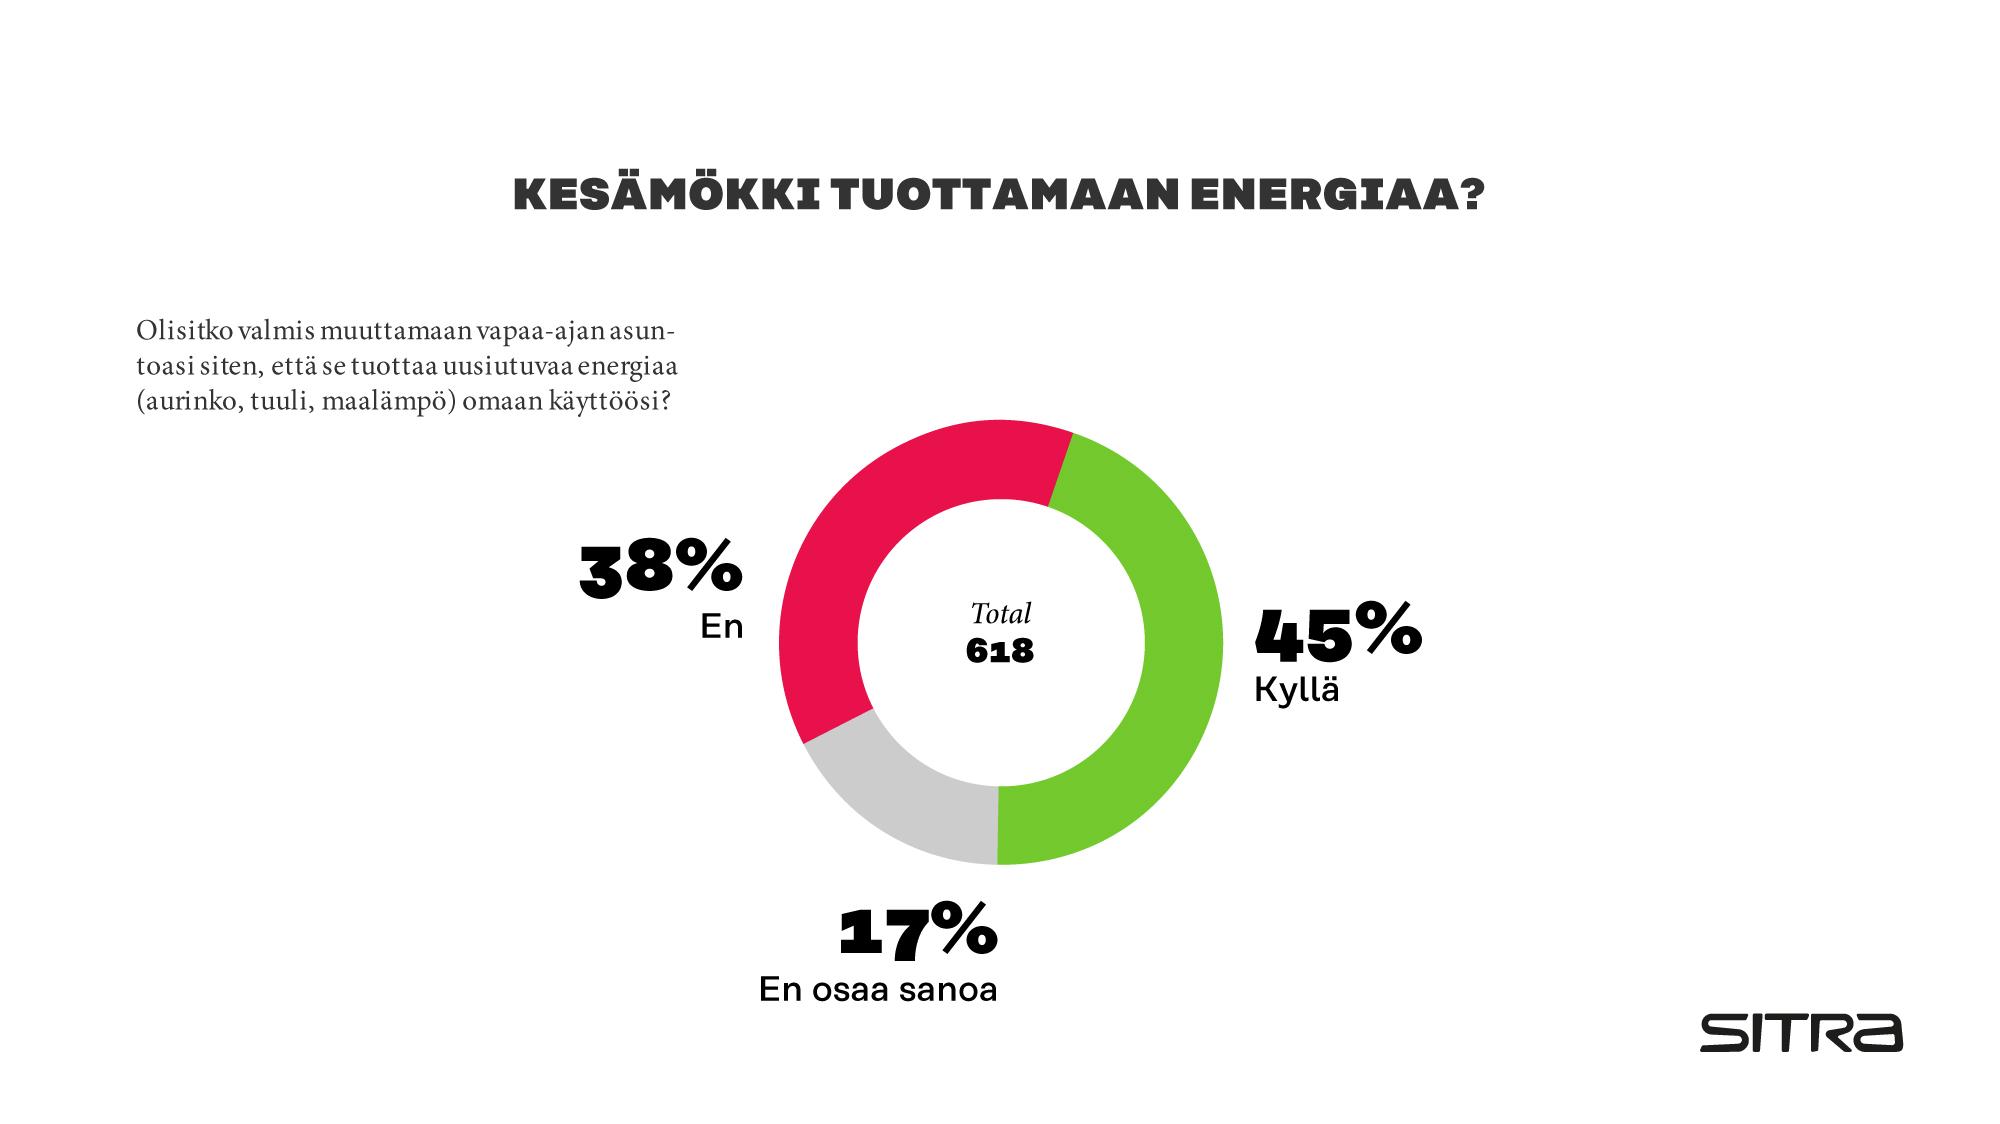 Kesämökki tuottamaan energiaa?